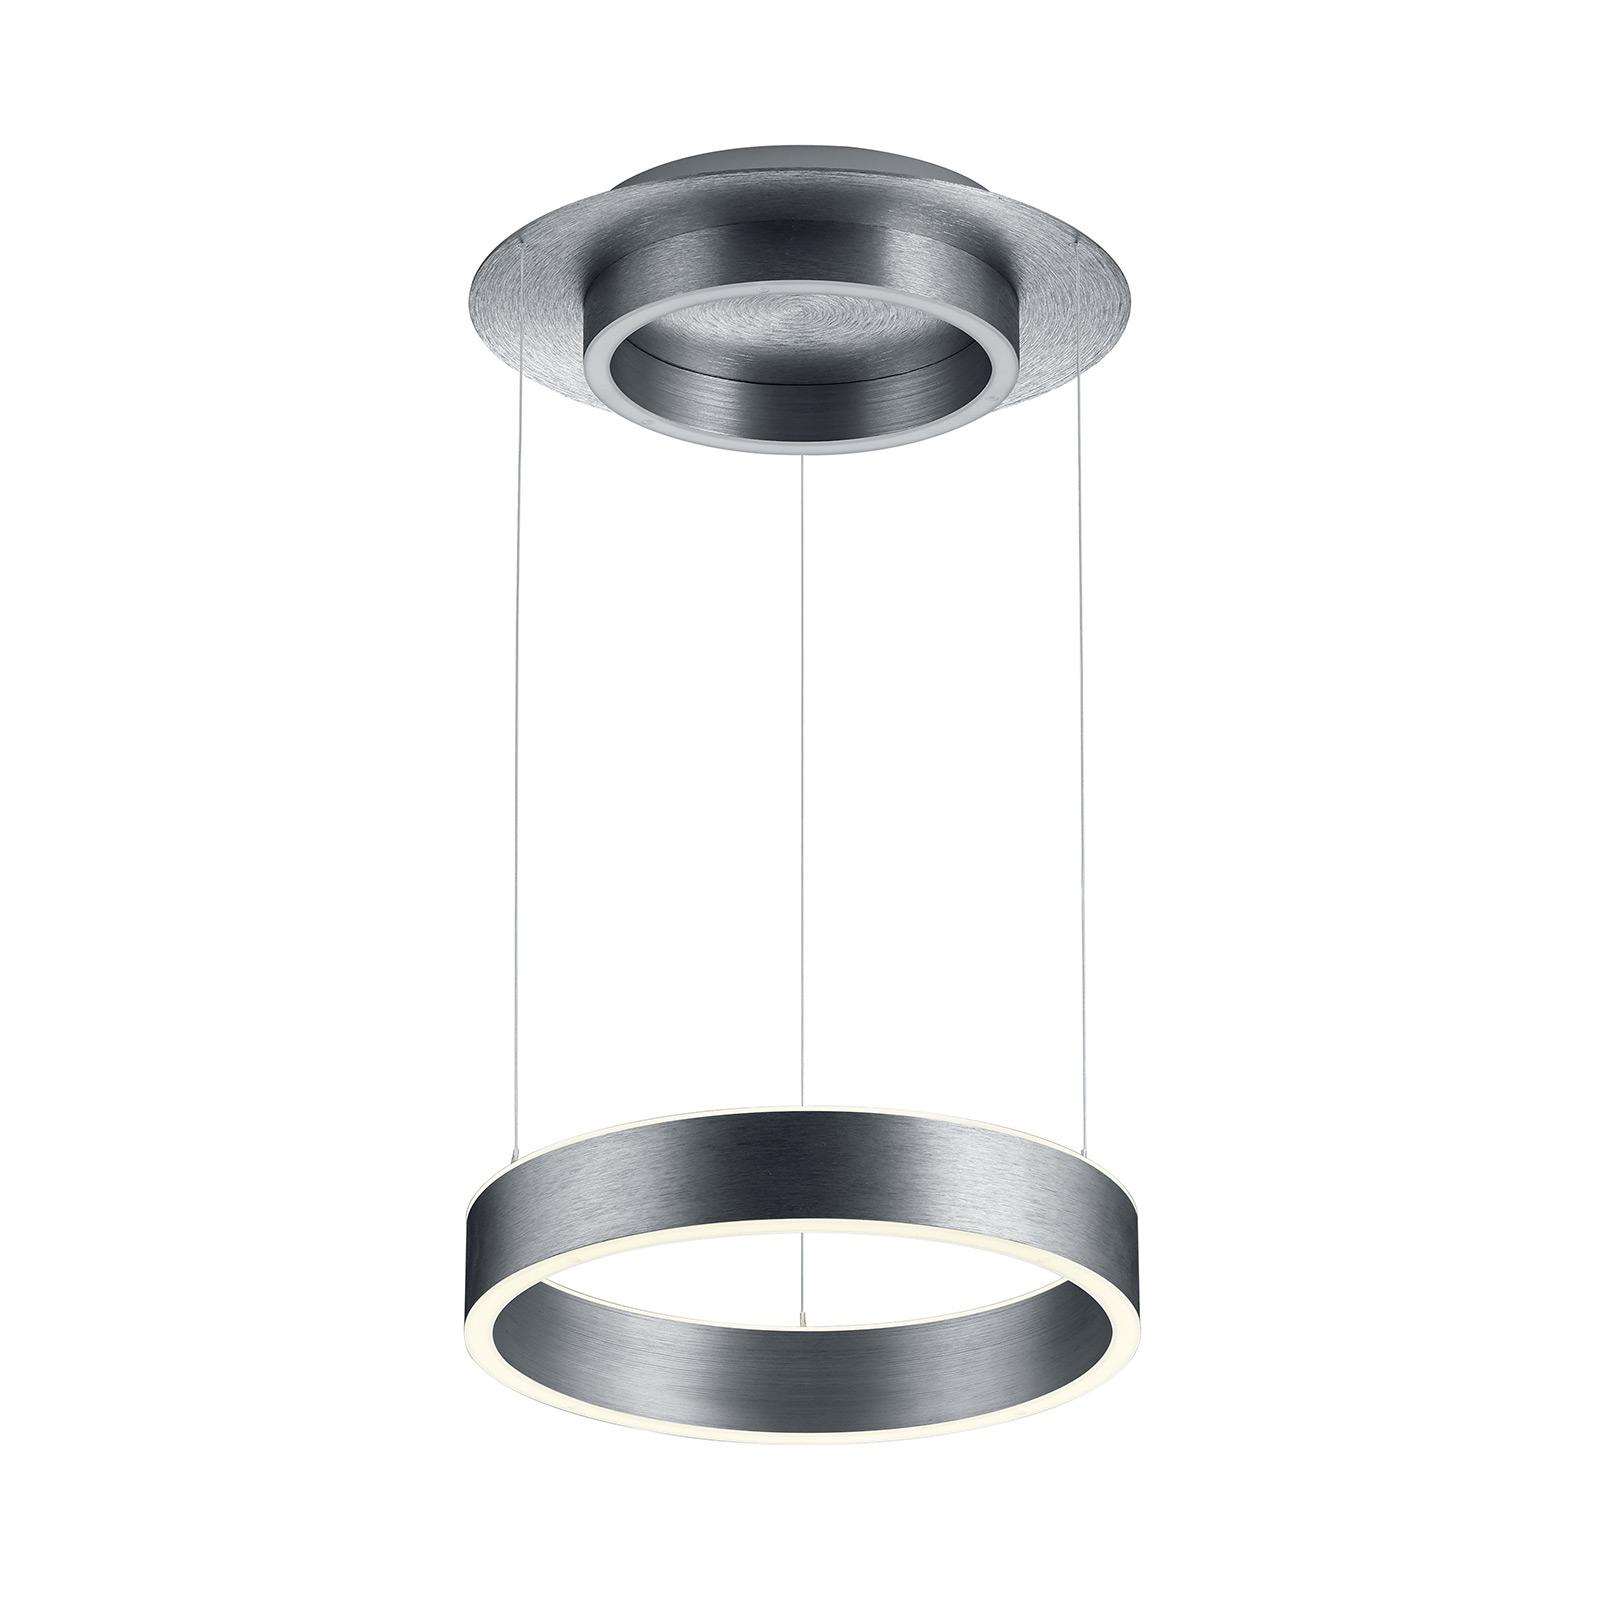 B-Leuchten Delta hanglamp 35cm, antraciet